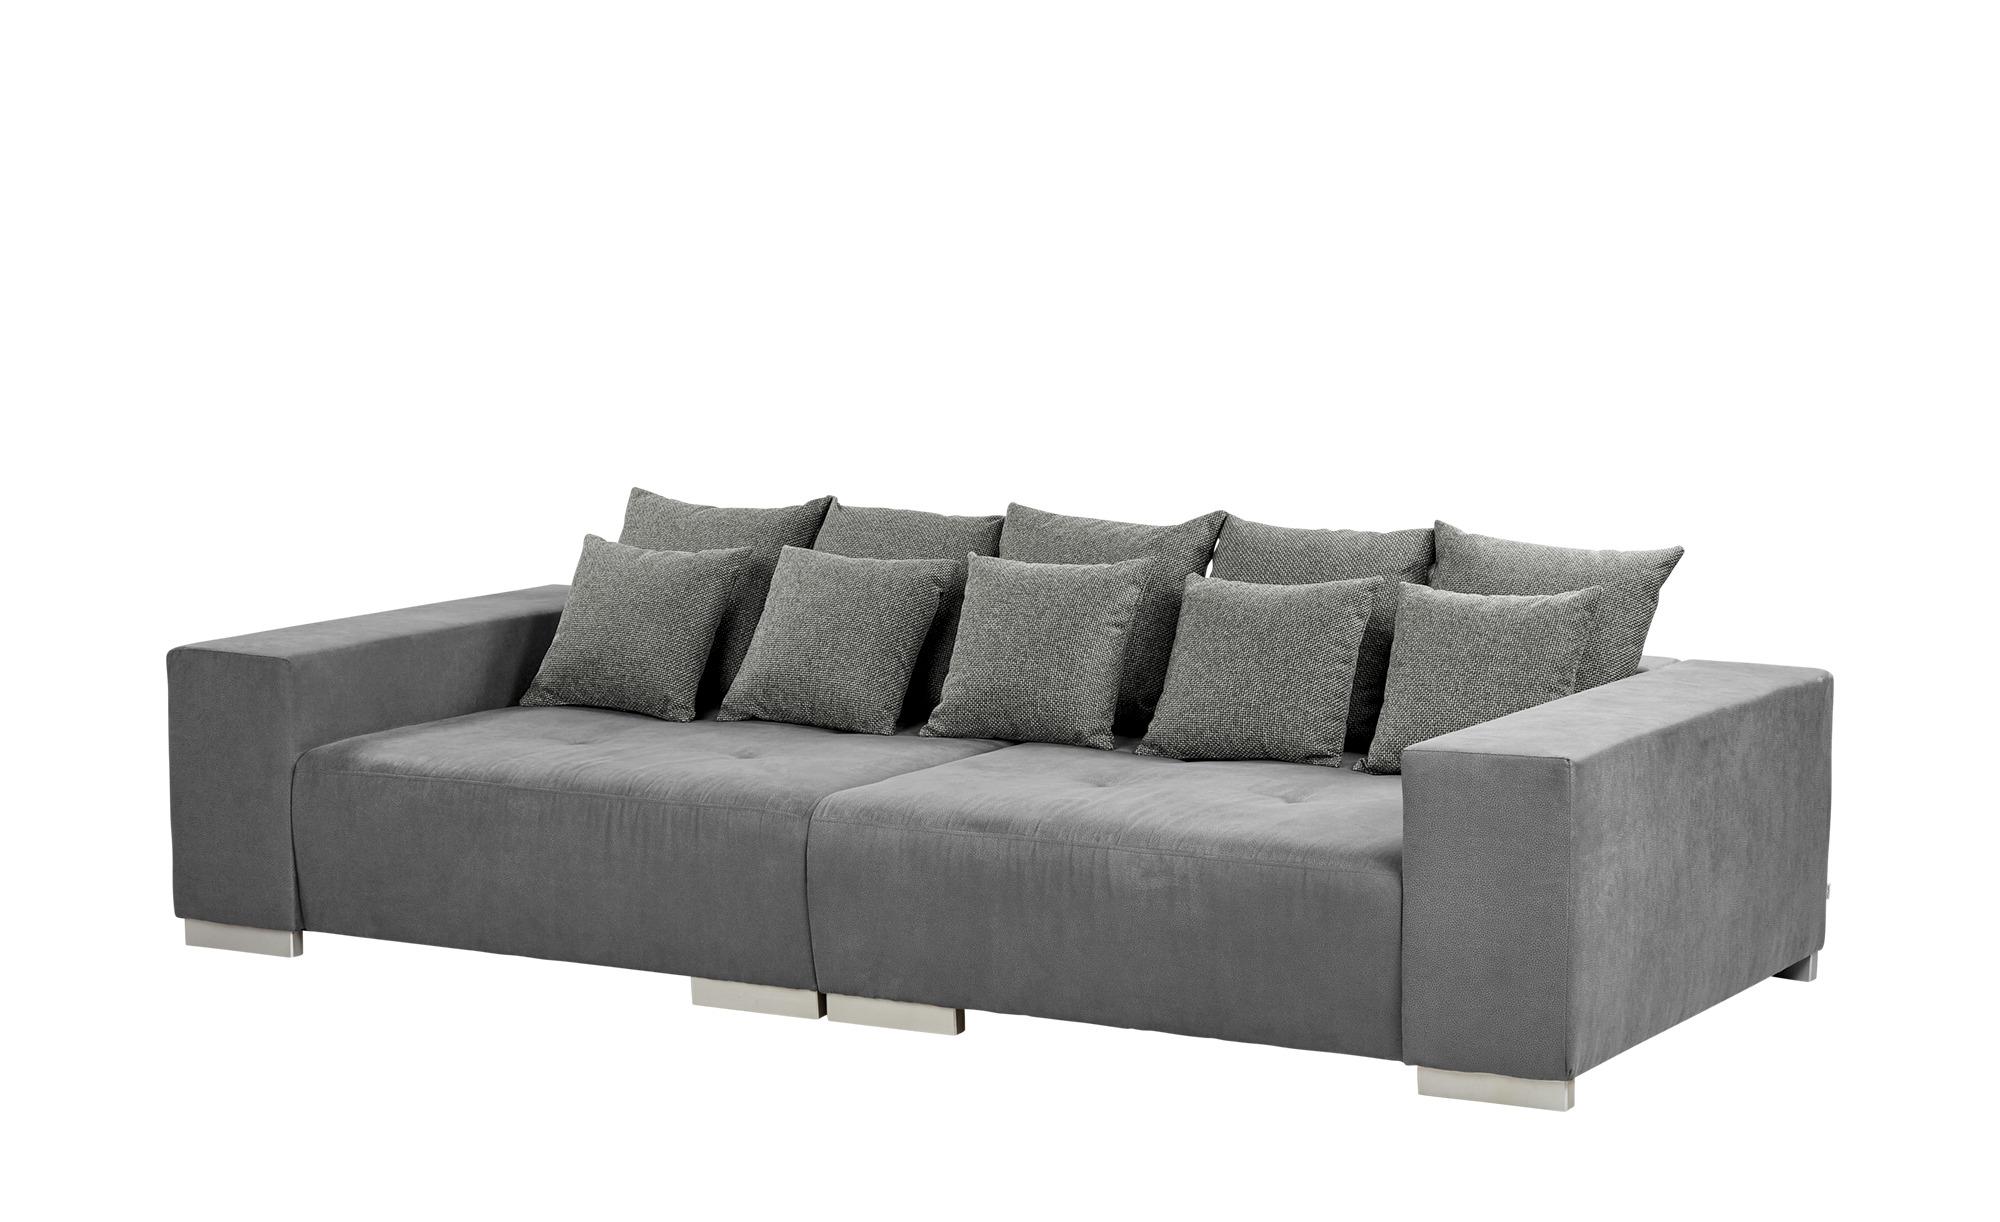 Switch Big Sofa Max Gefunden Bei Mobel Hoffner In 2020 Grosse Sofas Sofa Landhaus Sofa